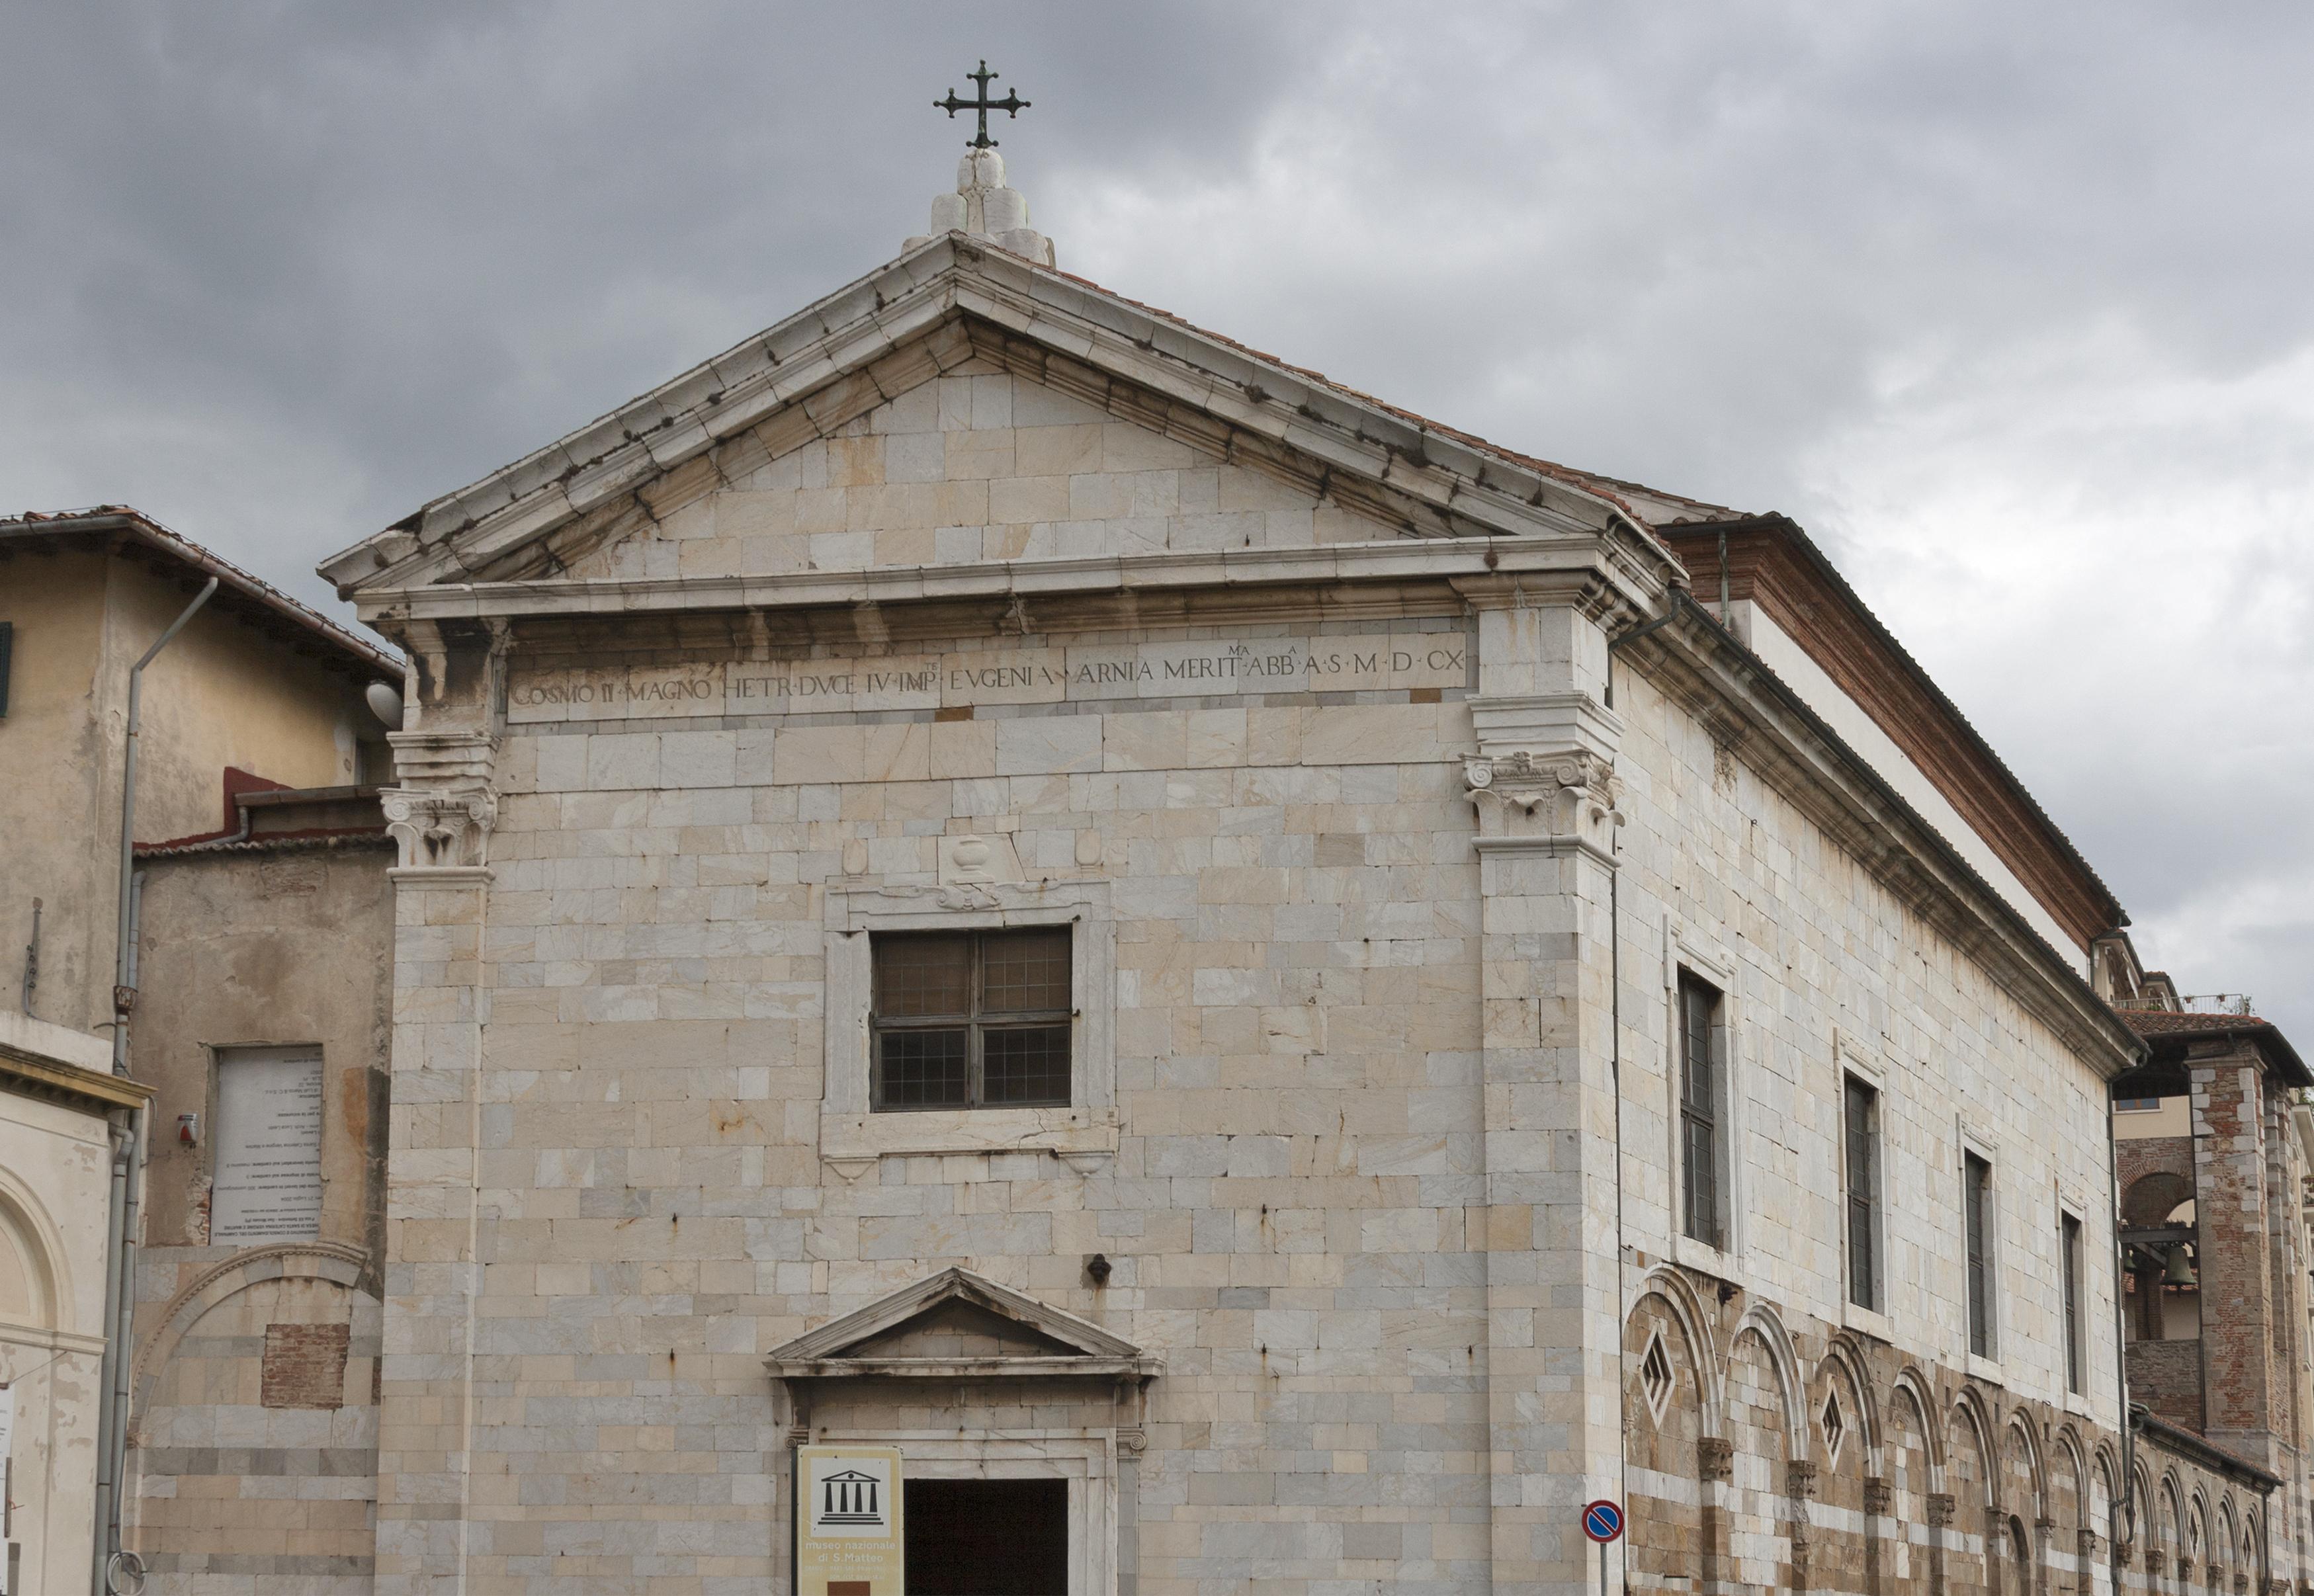 Descubre los tesoros artísticos que esconde la ciudad Toscana - Italia Circuito Lo Mejor de Toscana